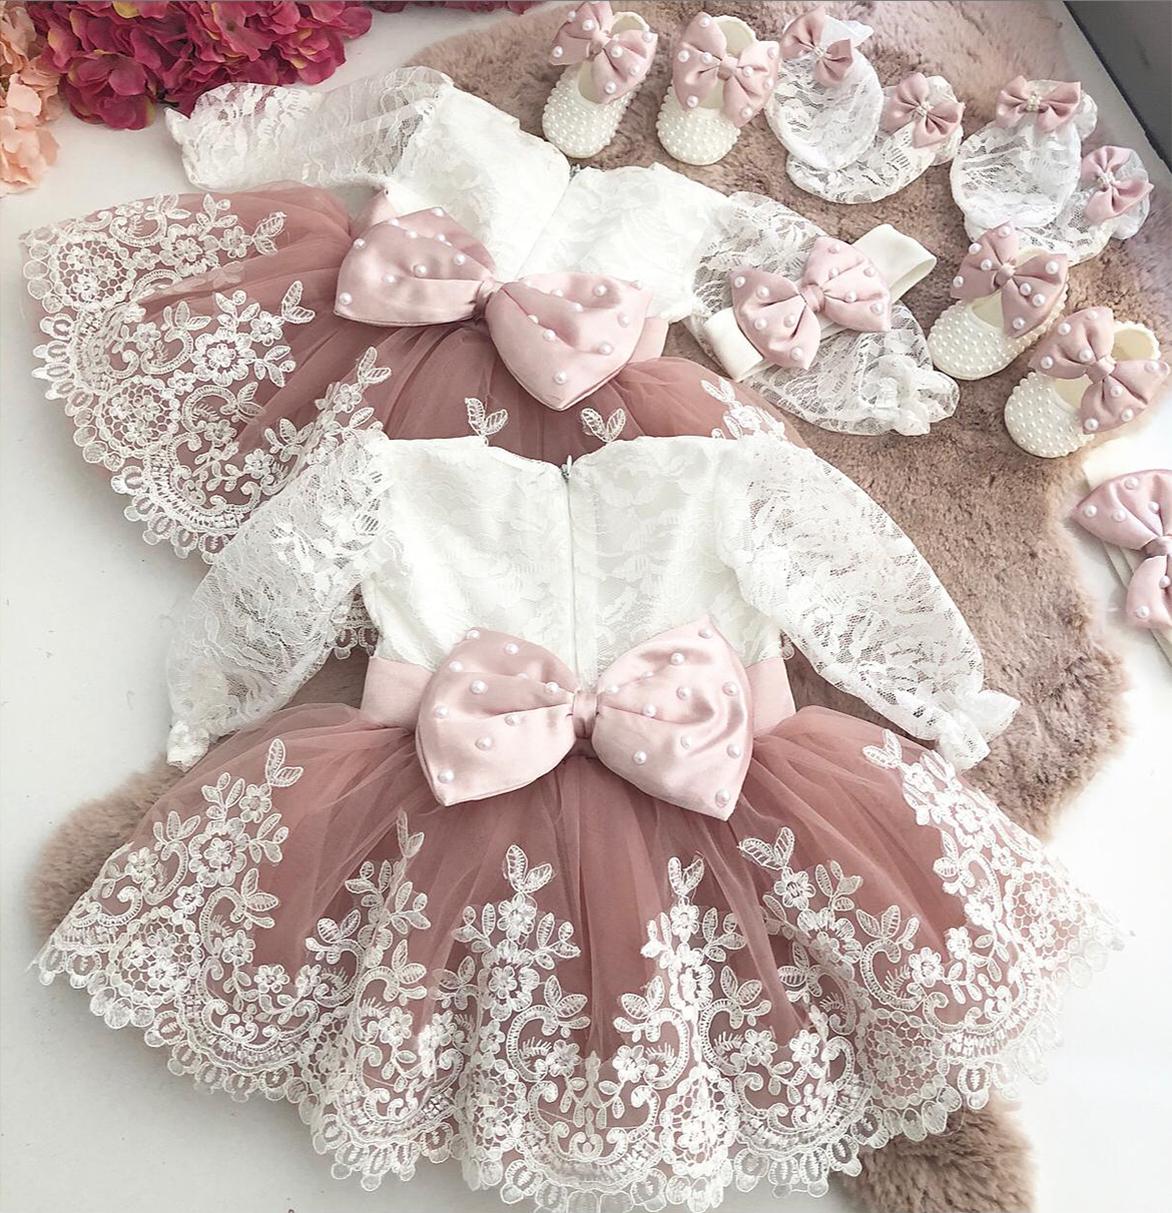 bej-beyaz-renk-kiz-bebek-elbisesi